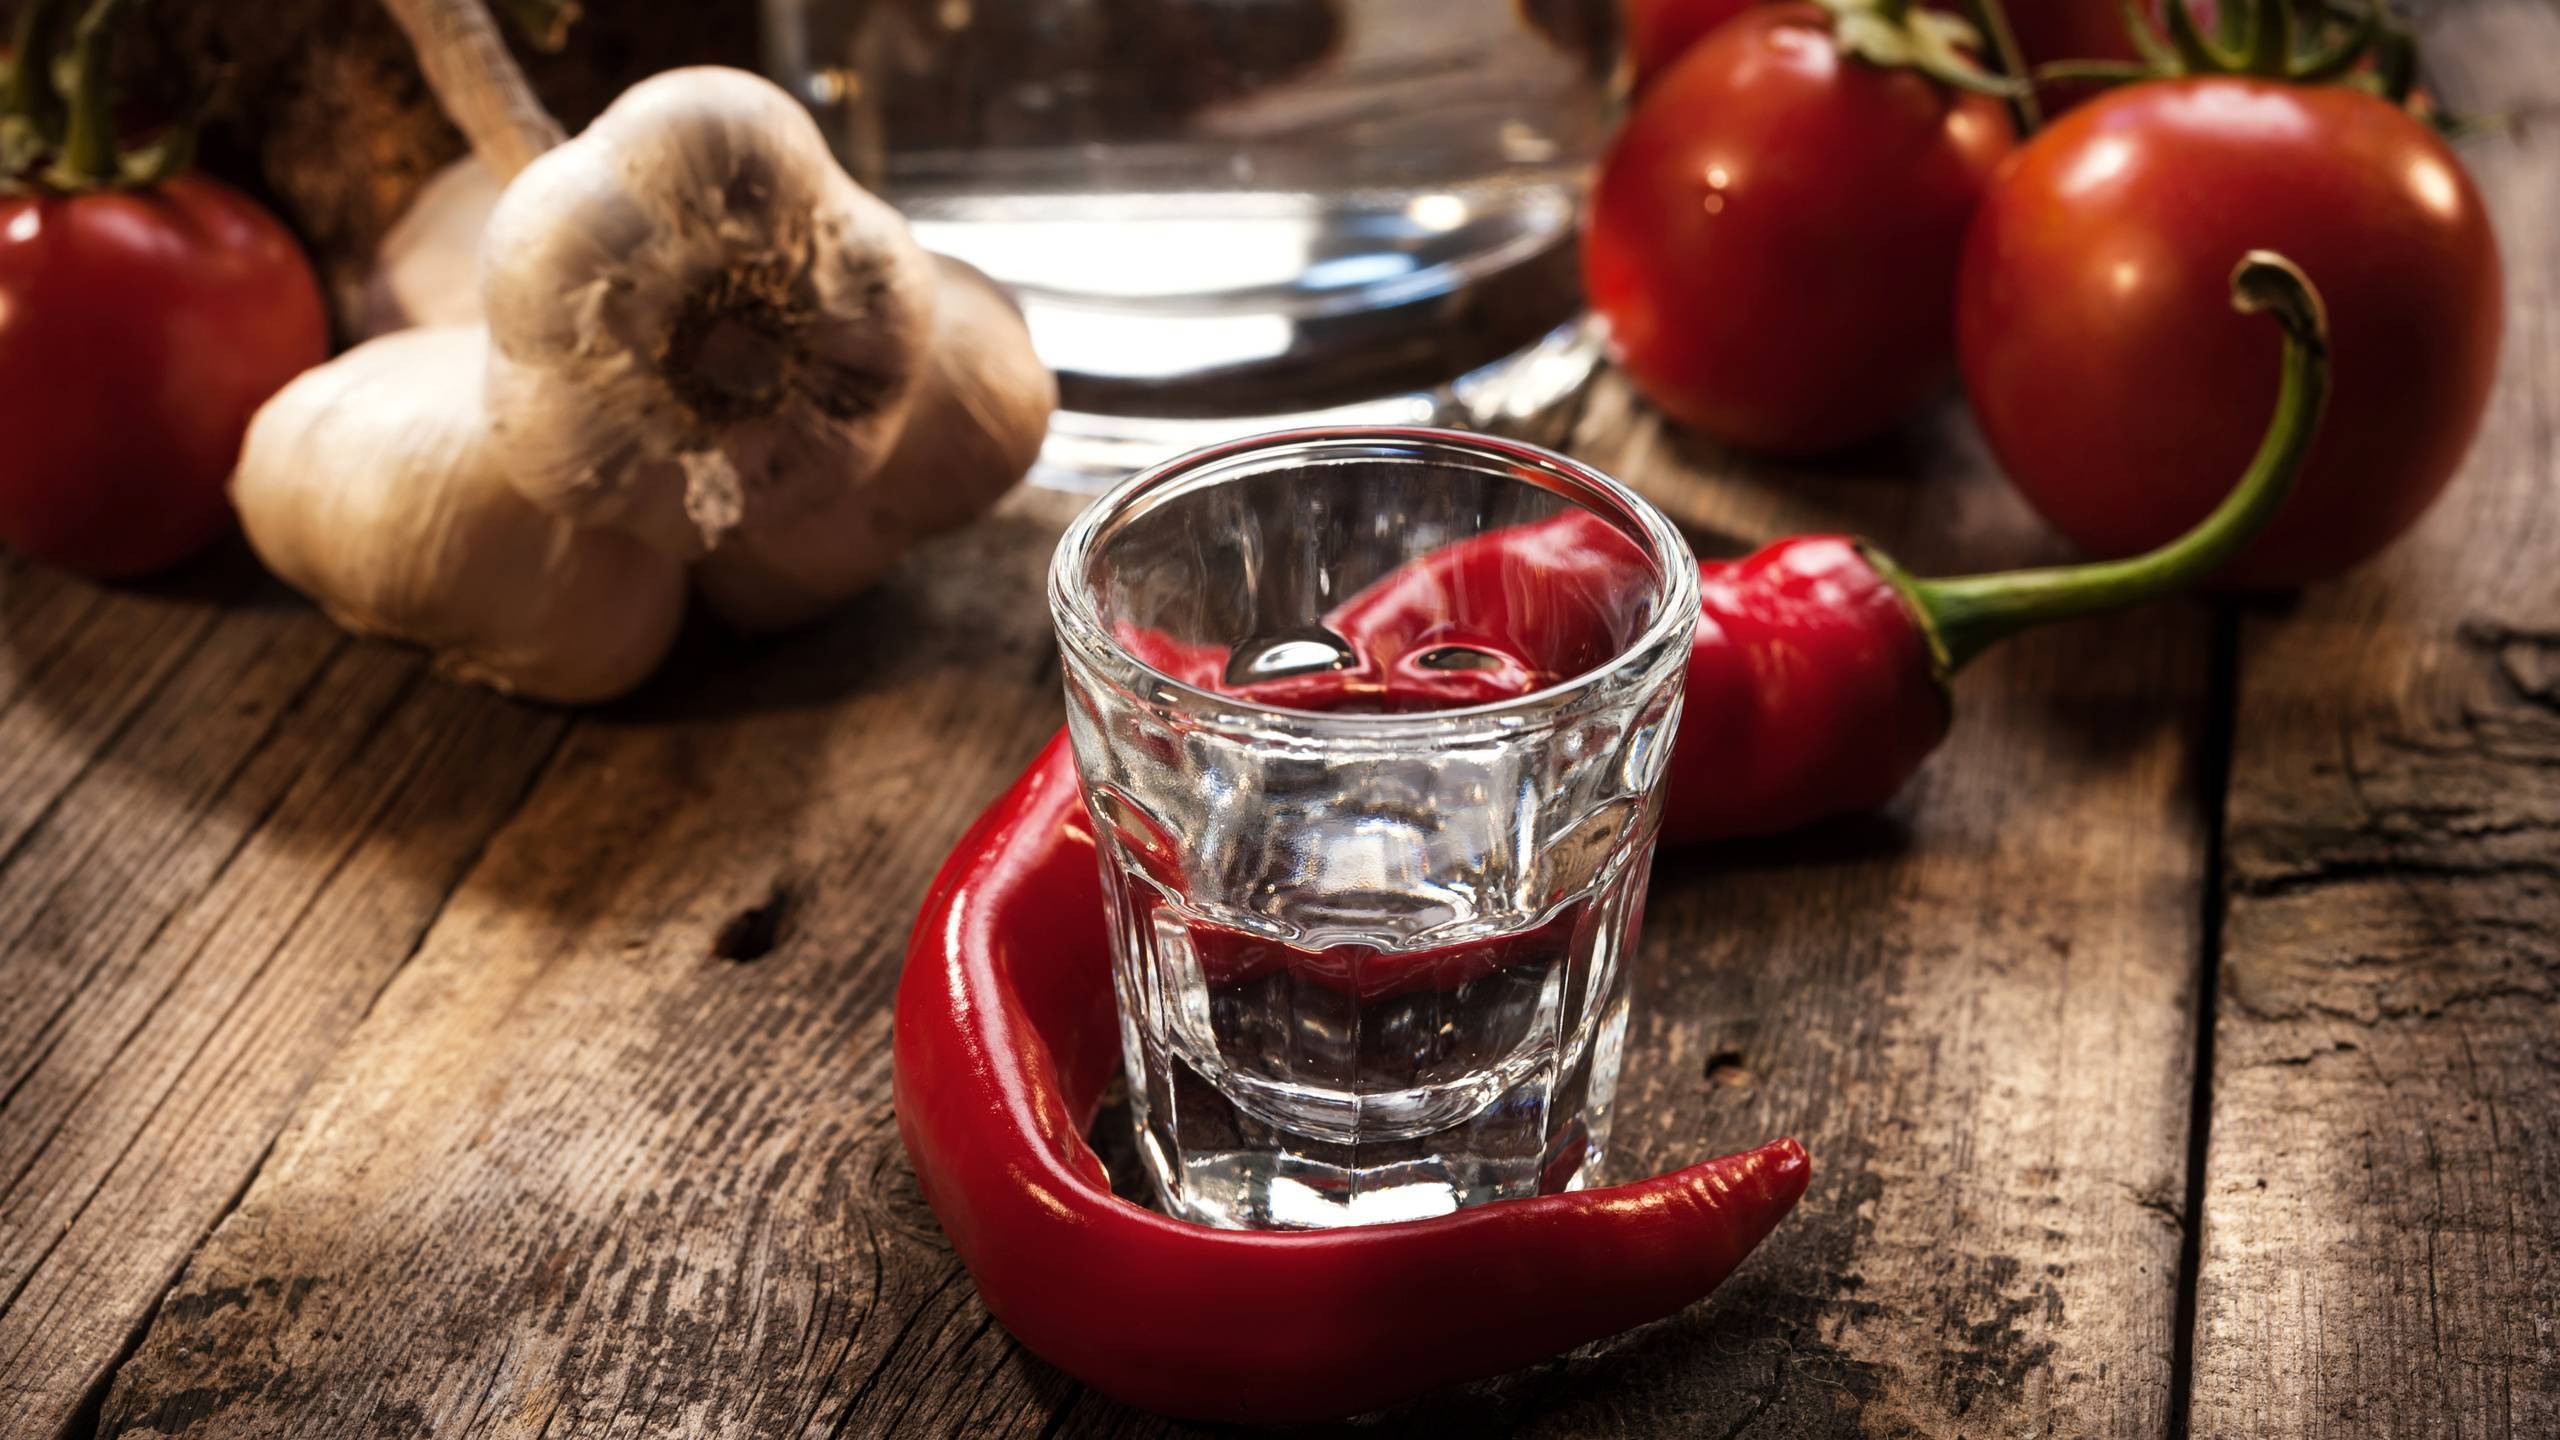 Рецепты водки с перцем и мёдом – хорошее лекарство при простуде или самообман? помогает ли, какие пропорции